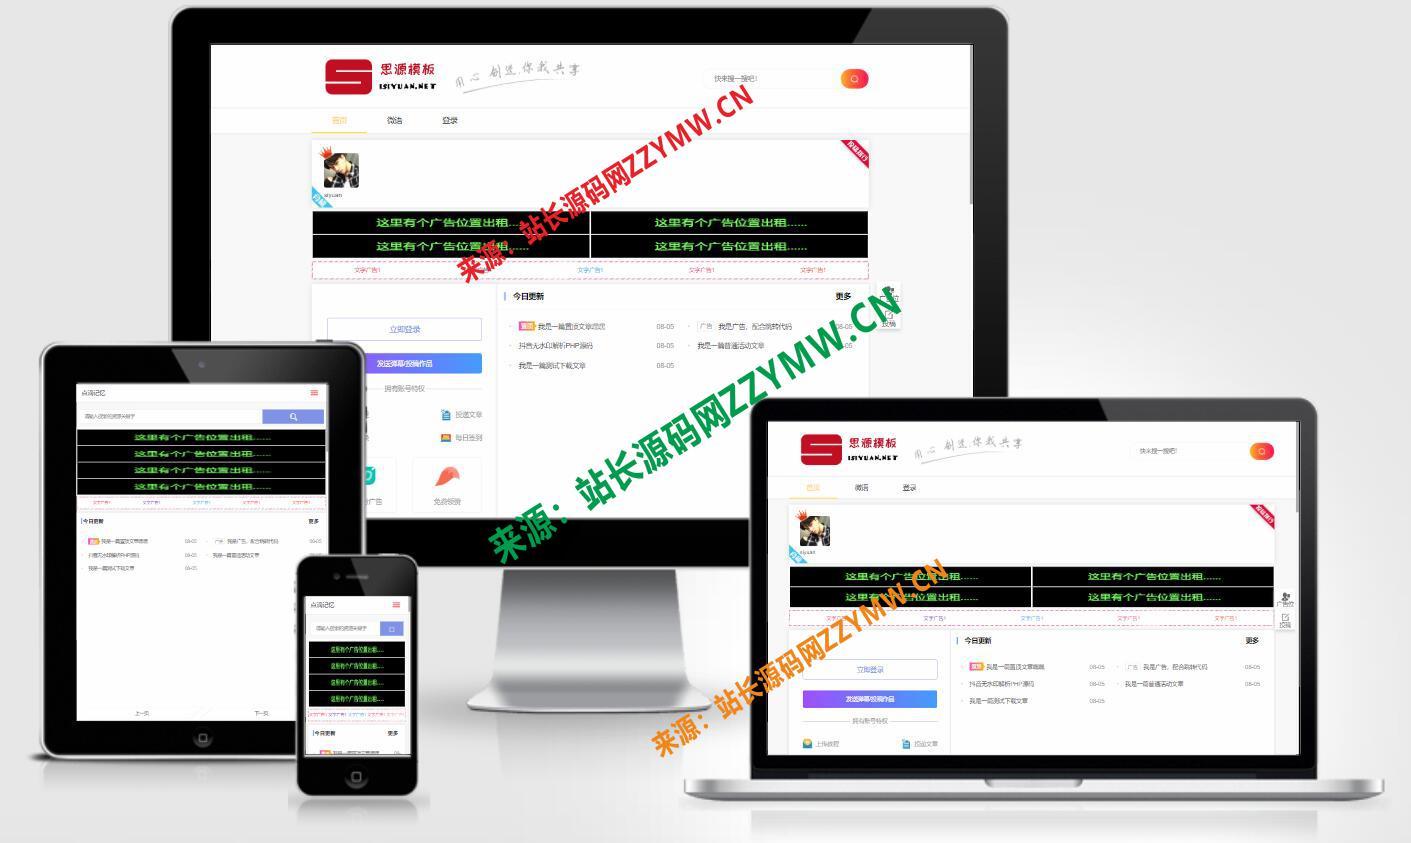 EmlogQQ皇族馆模板开源-价值500元-小鹿娱乐网